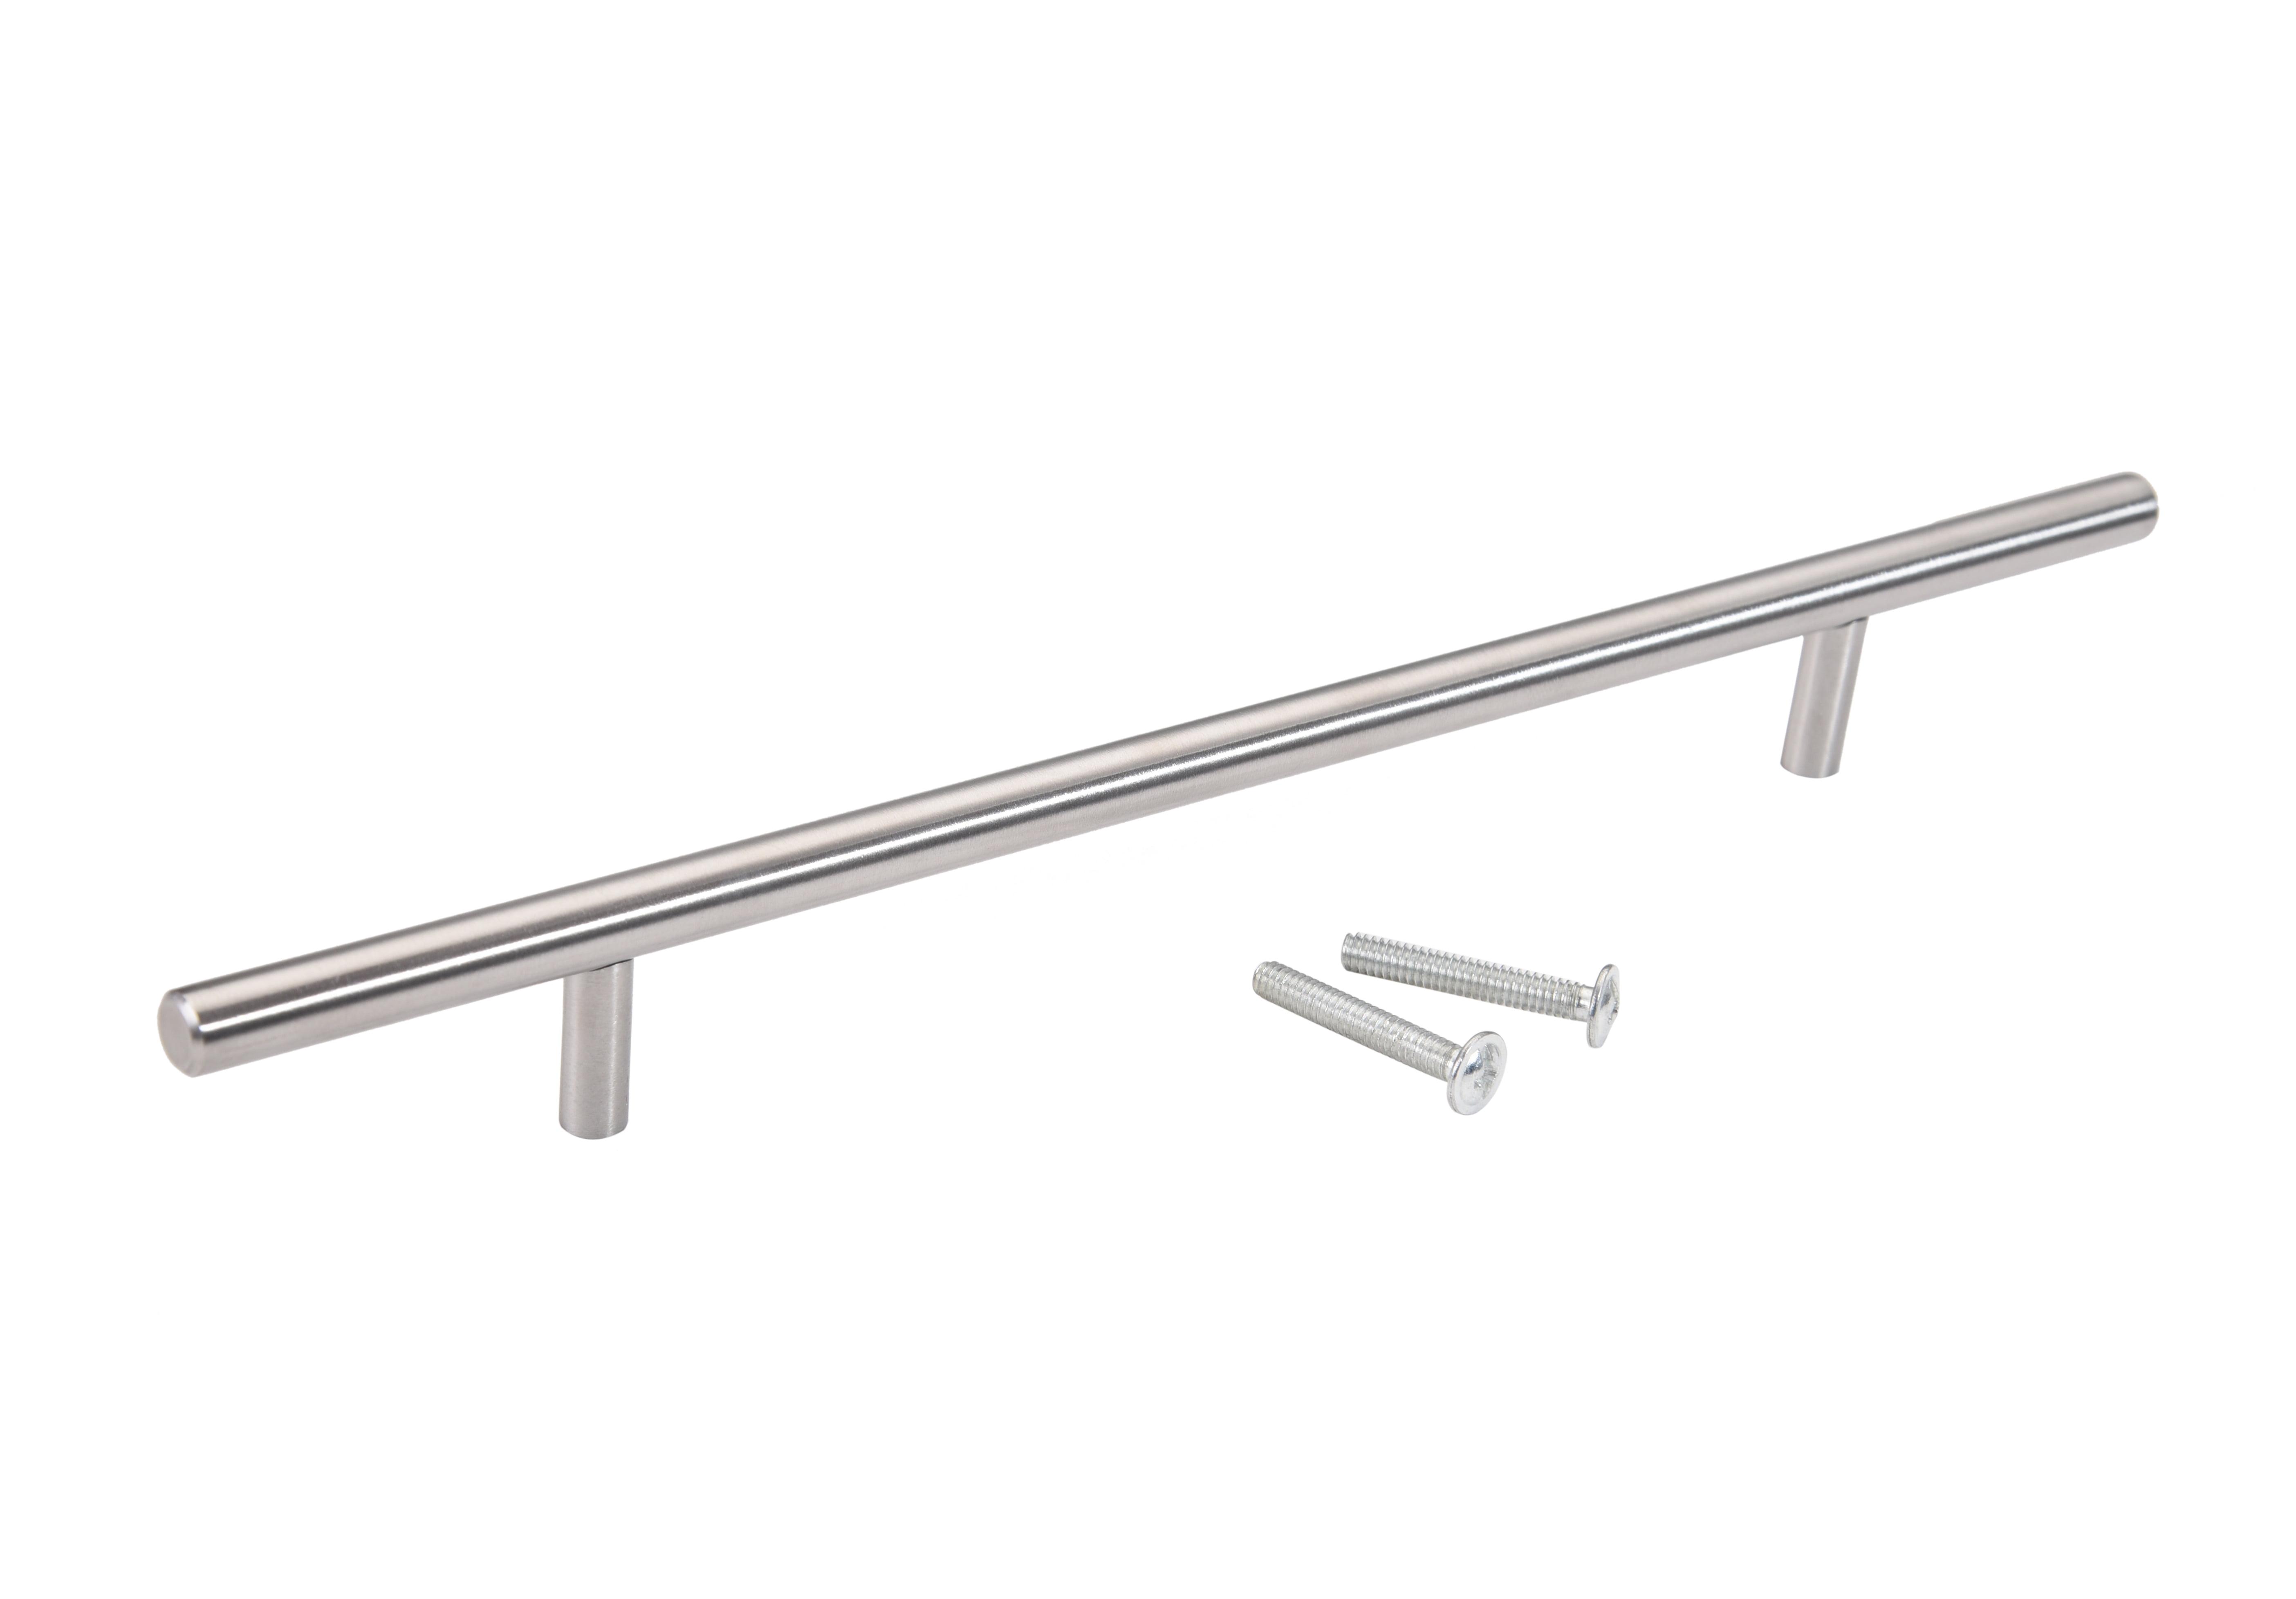 Stainless Steel T Bar Kitchen Cabinet Door Hardware Pulls Handles Knobs 2 24 Walmart Com Walmart Com